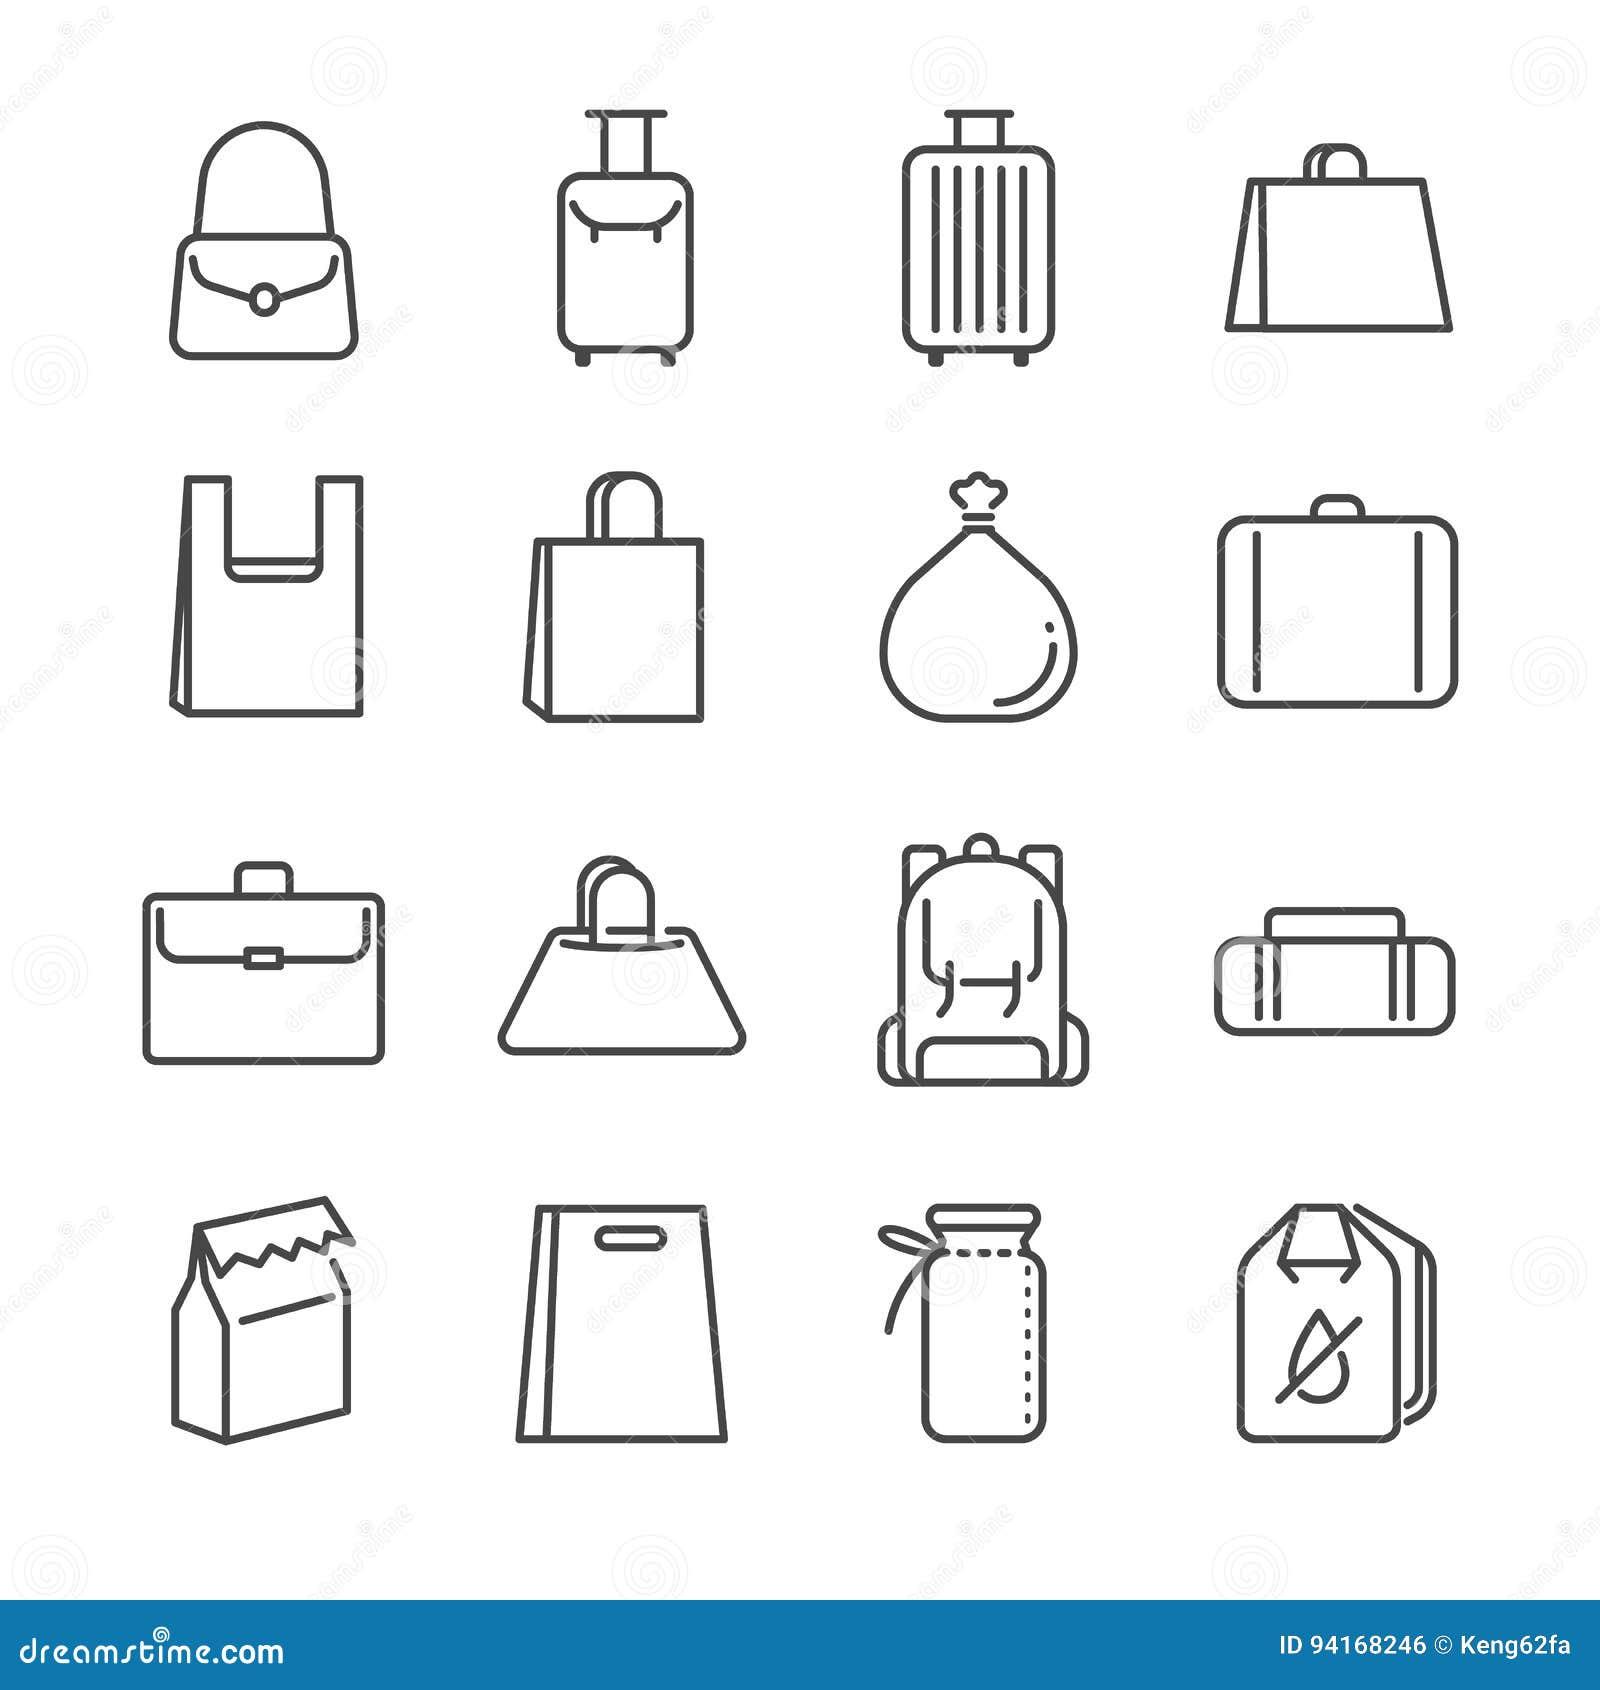 6abfa42cb1f6f Kreskowa projekt ikony ilustracja: Torby ikony kreskowy set Zawrzeć ikony  jako plastikowy worek, walizka, bagaż, bagaż i więcej,